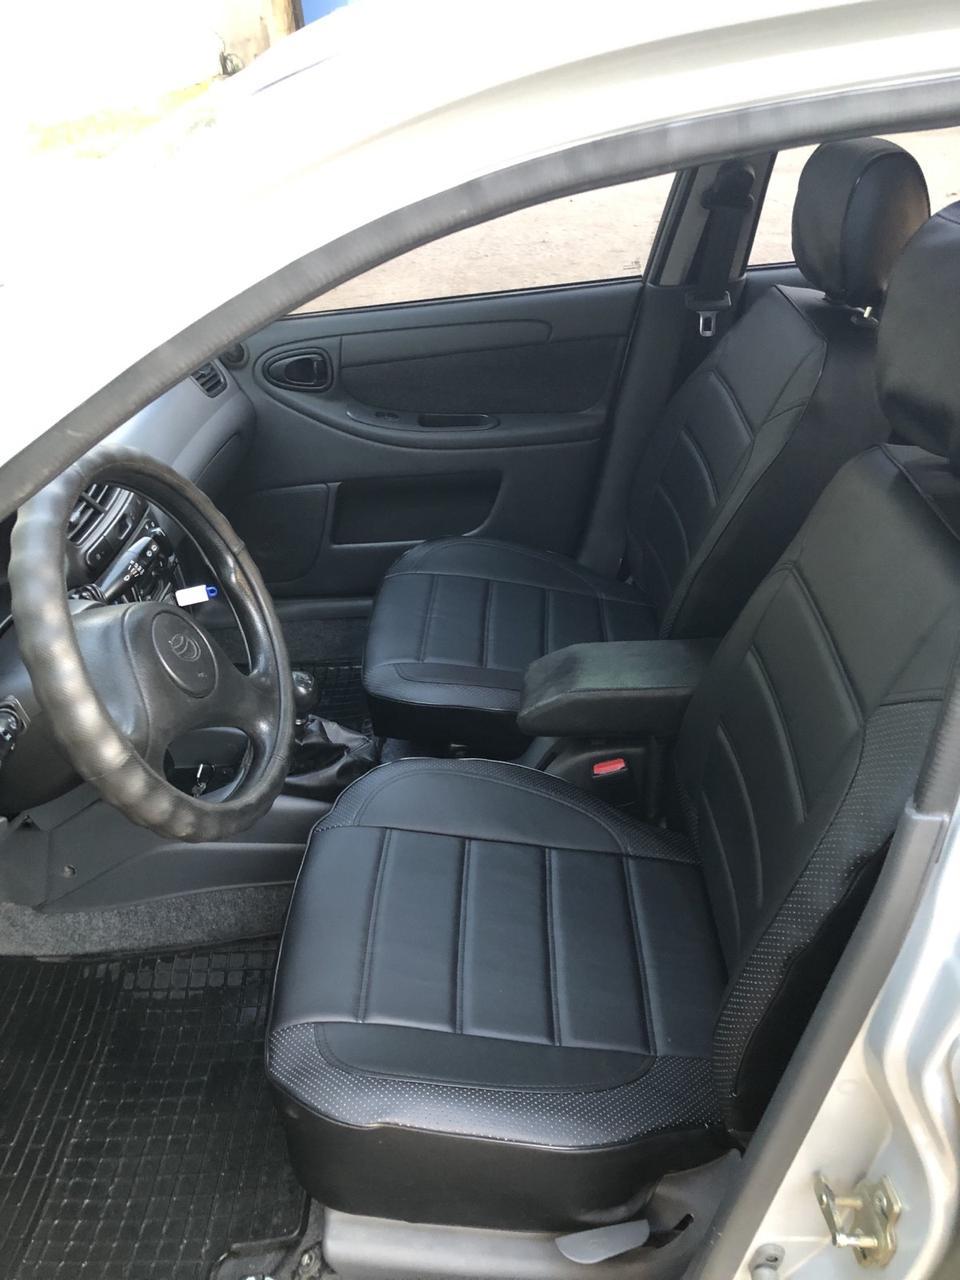 Чохли на сидіння Опель Омега Б (Opel Omega B) модельні MAX-L з екошкіри Чорний Чорно-білий